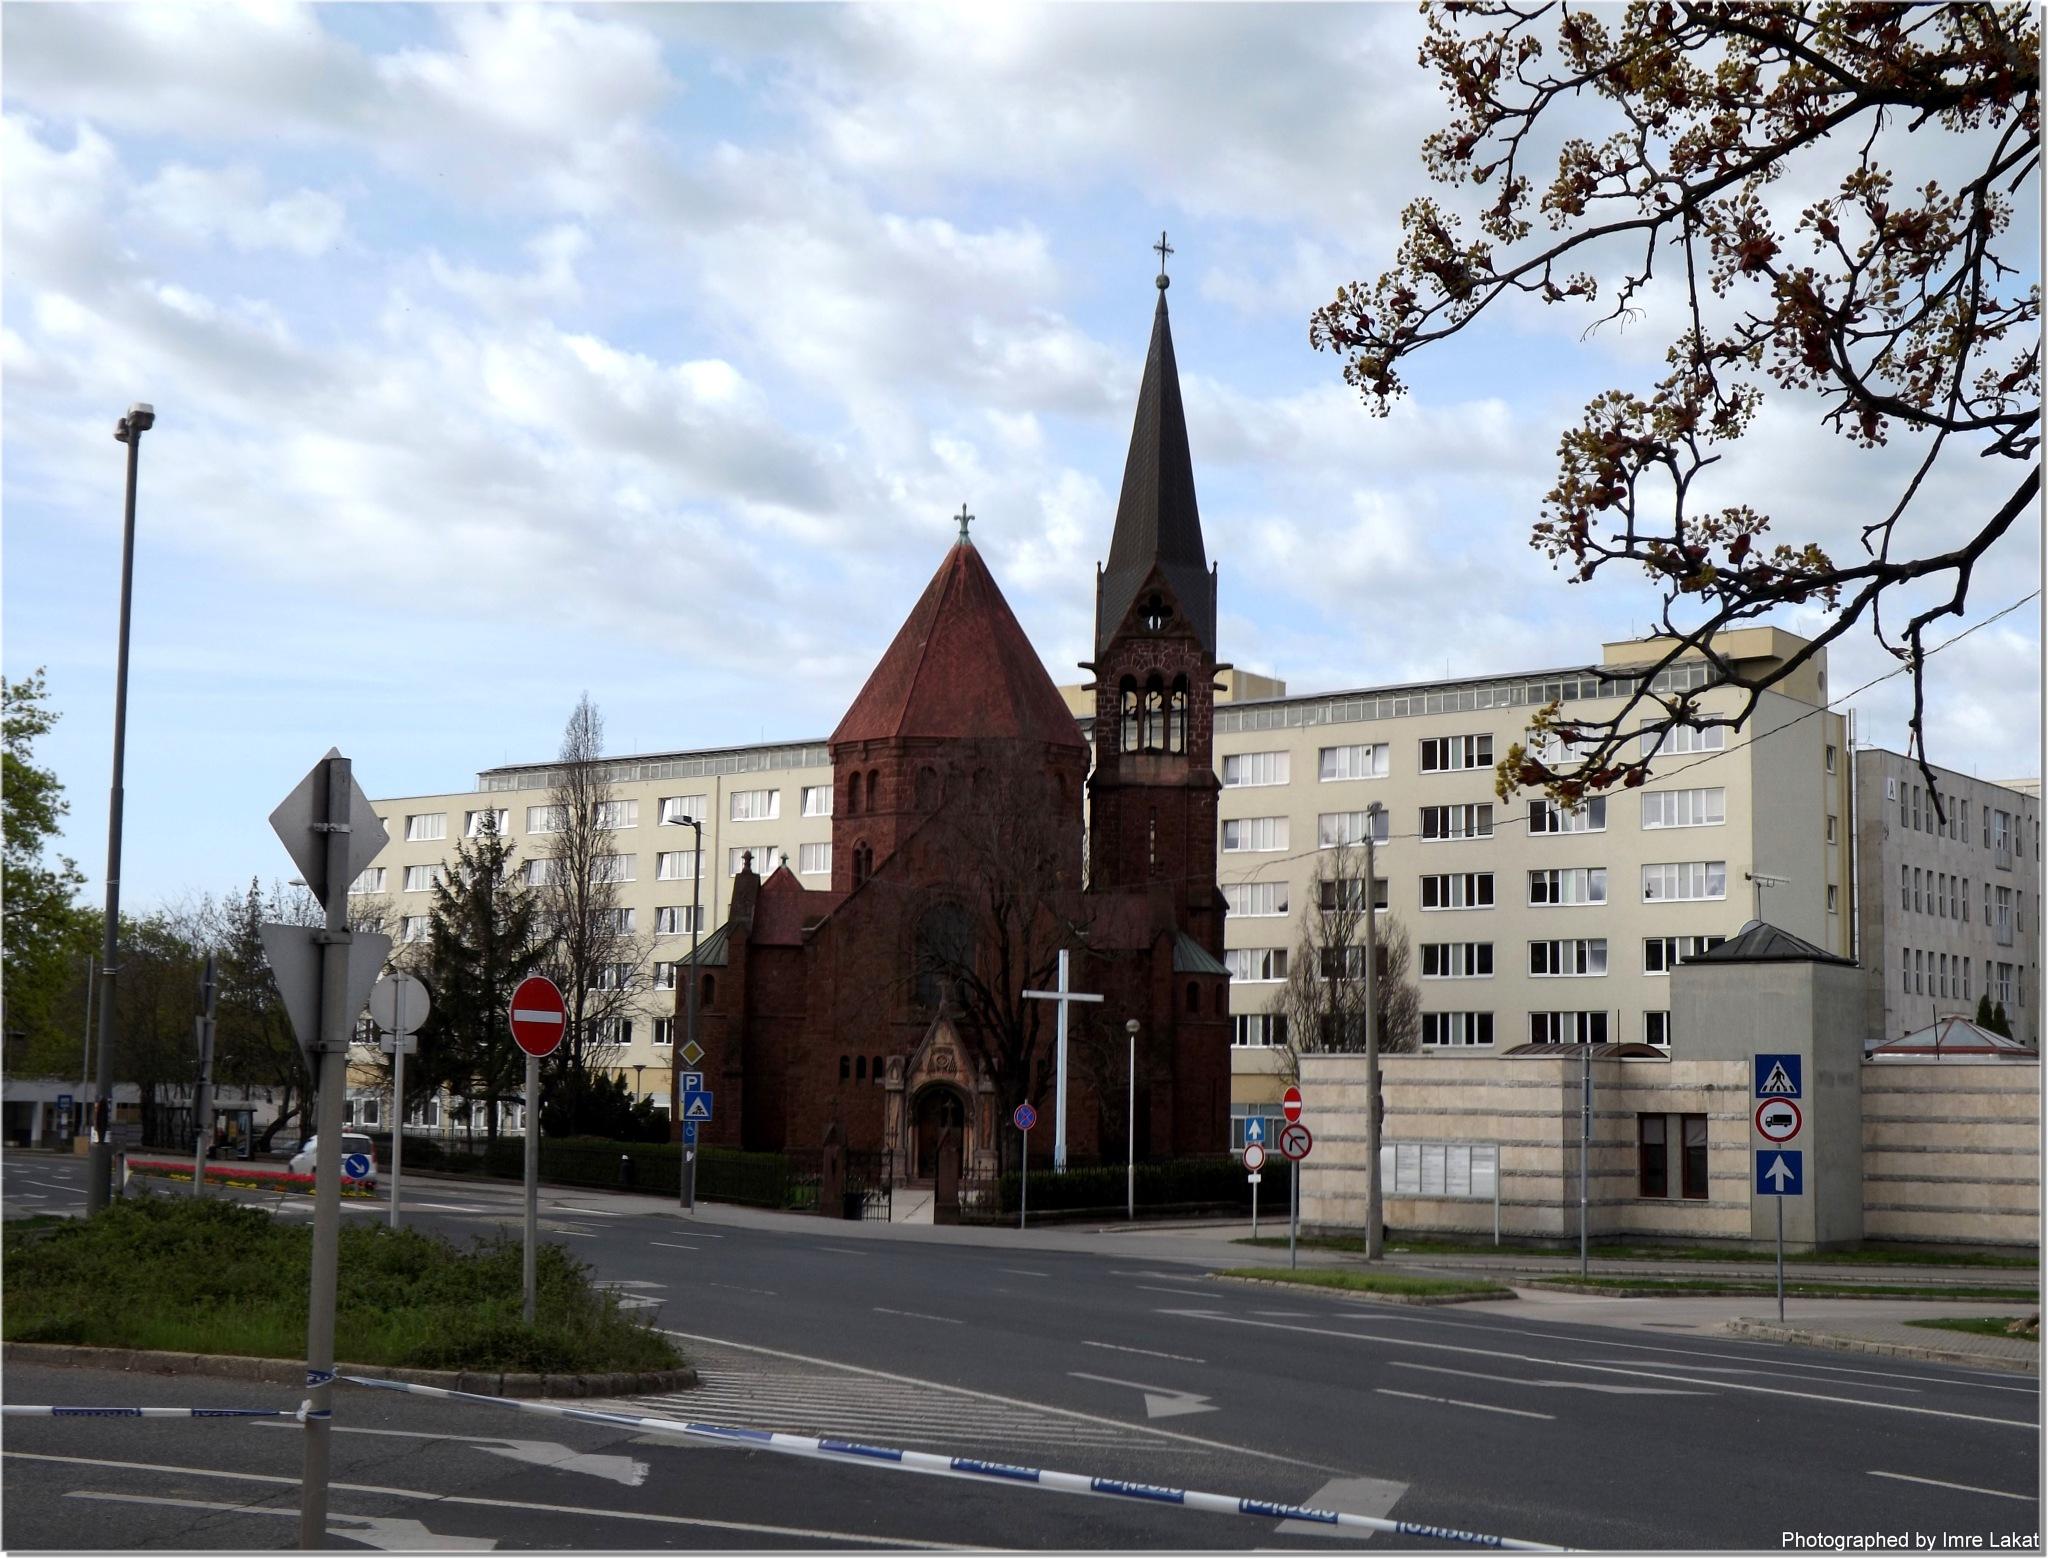 Feltámadt Üdvözítő templom . Veszprém, Mártírok utca, 8200 by Imre Lakat